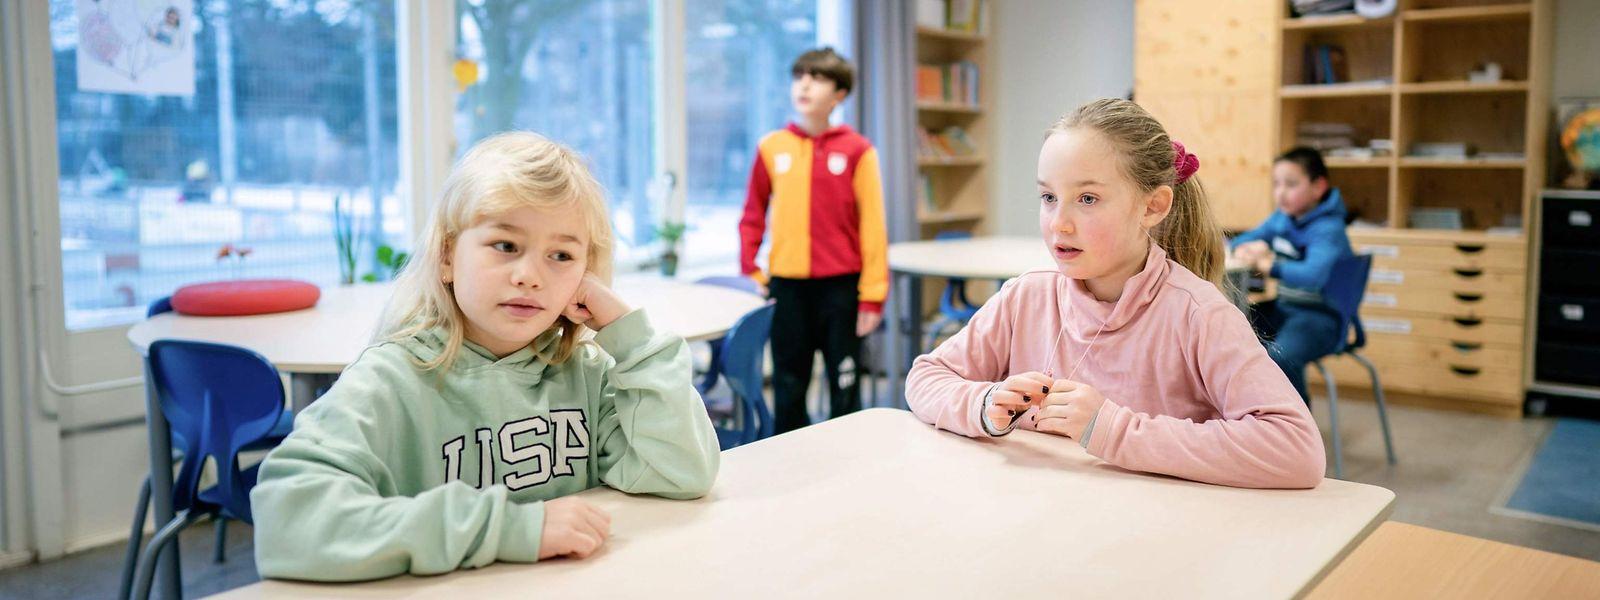 Les jeunes du fondamental auront passé moins d'un mois en présentiel dans leur classe depuis la rentrée de janvier.